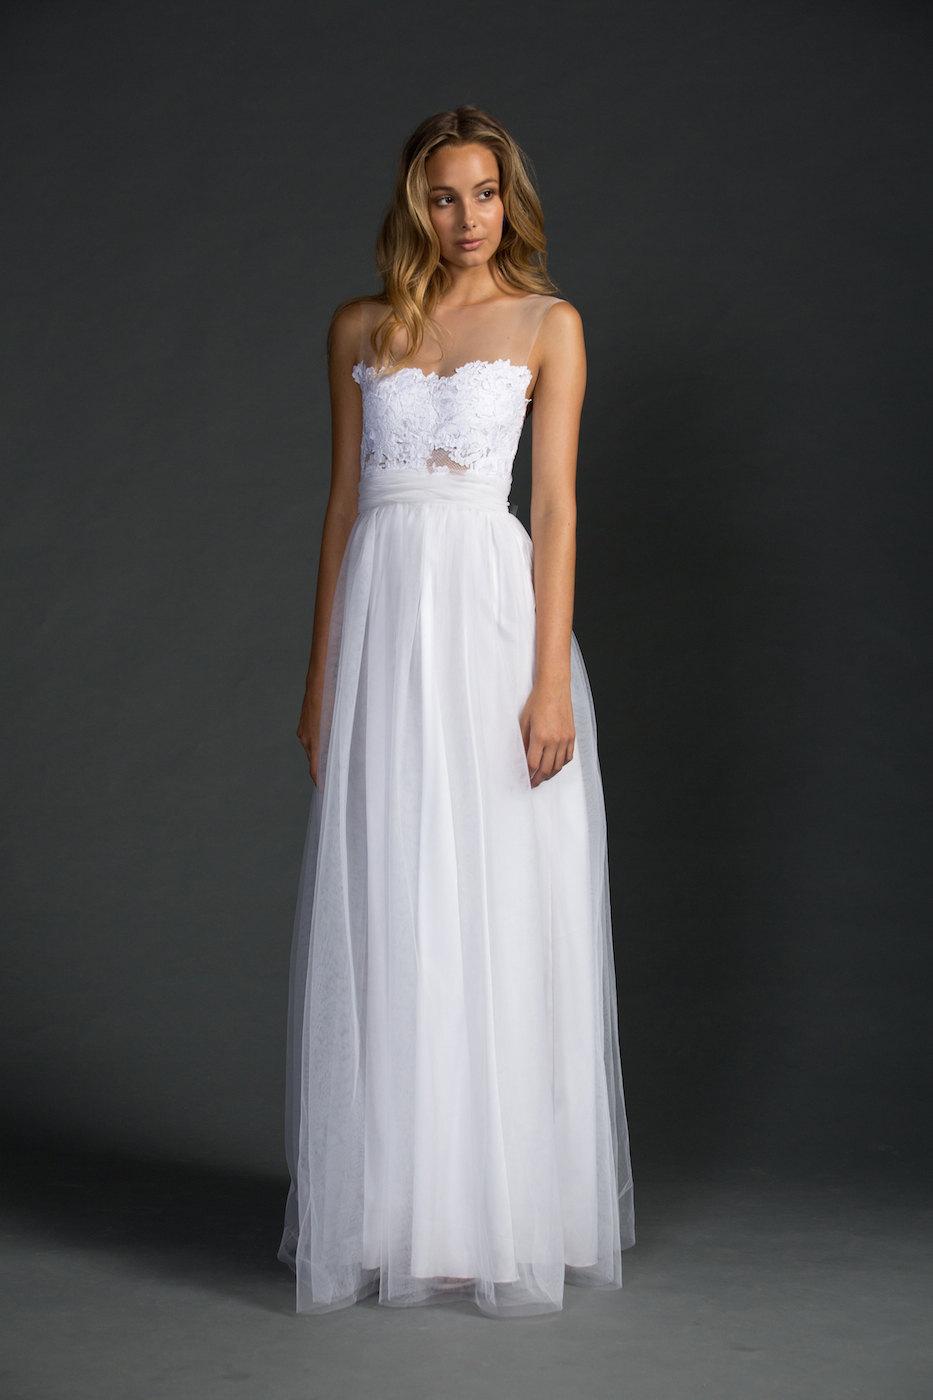 Dreamy Sheer Neckline Wedding Dress | via https://emmalinebride.com/bride/sheer-neckline-wedding-dress/ width=933 height=1400 class=